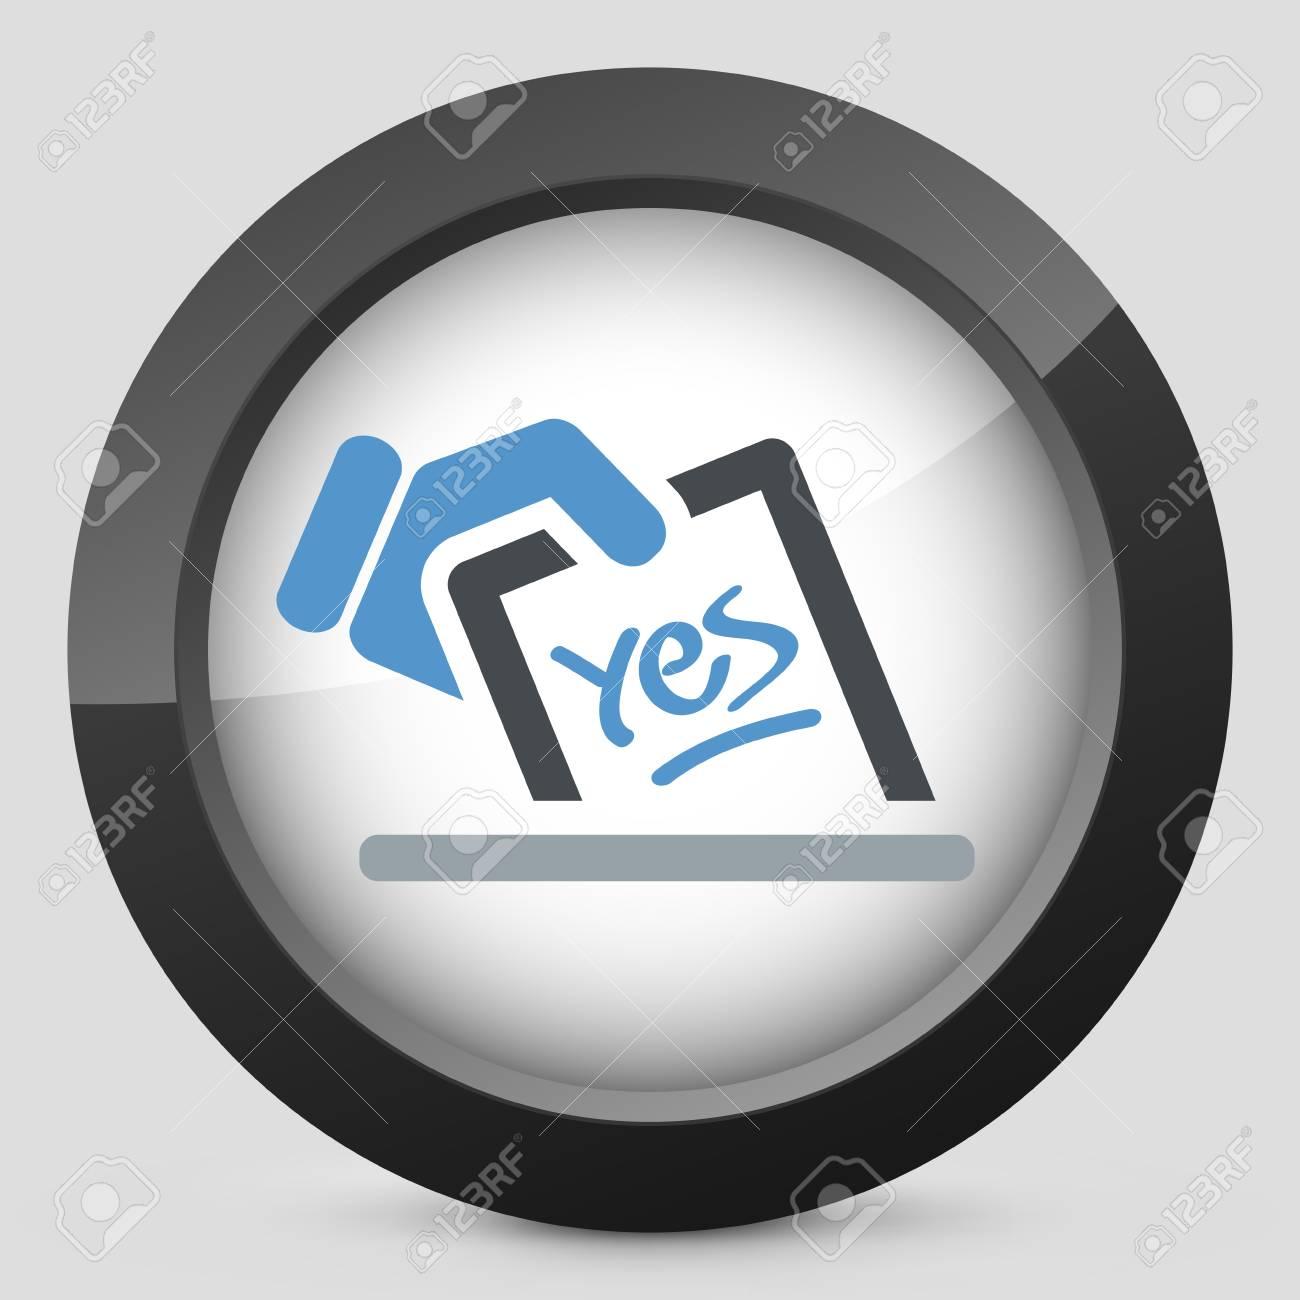 Vote concept icon Stock Vector - 20084280